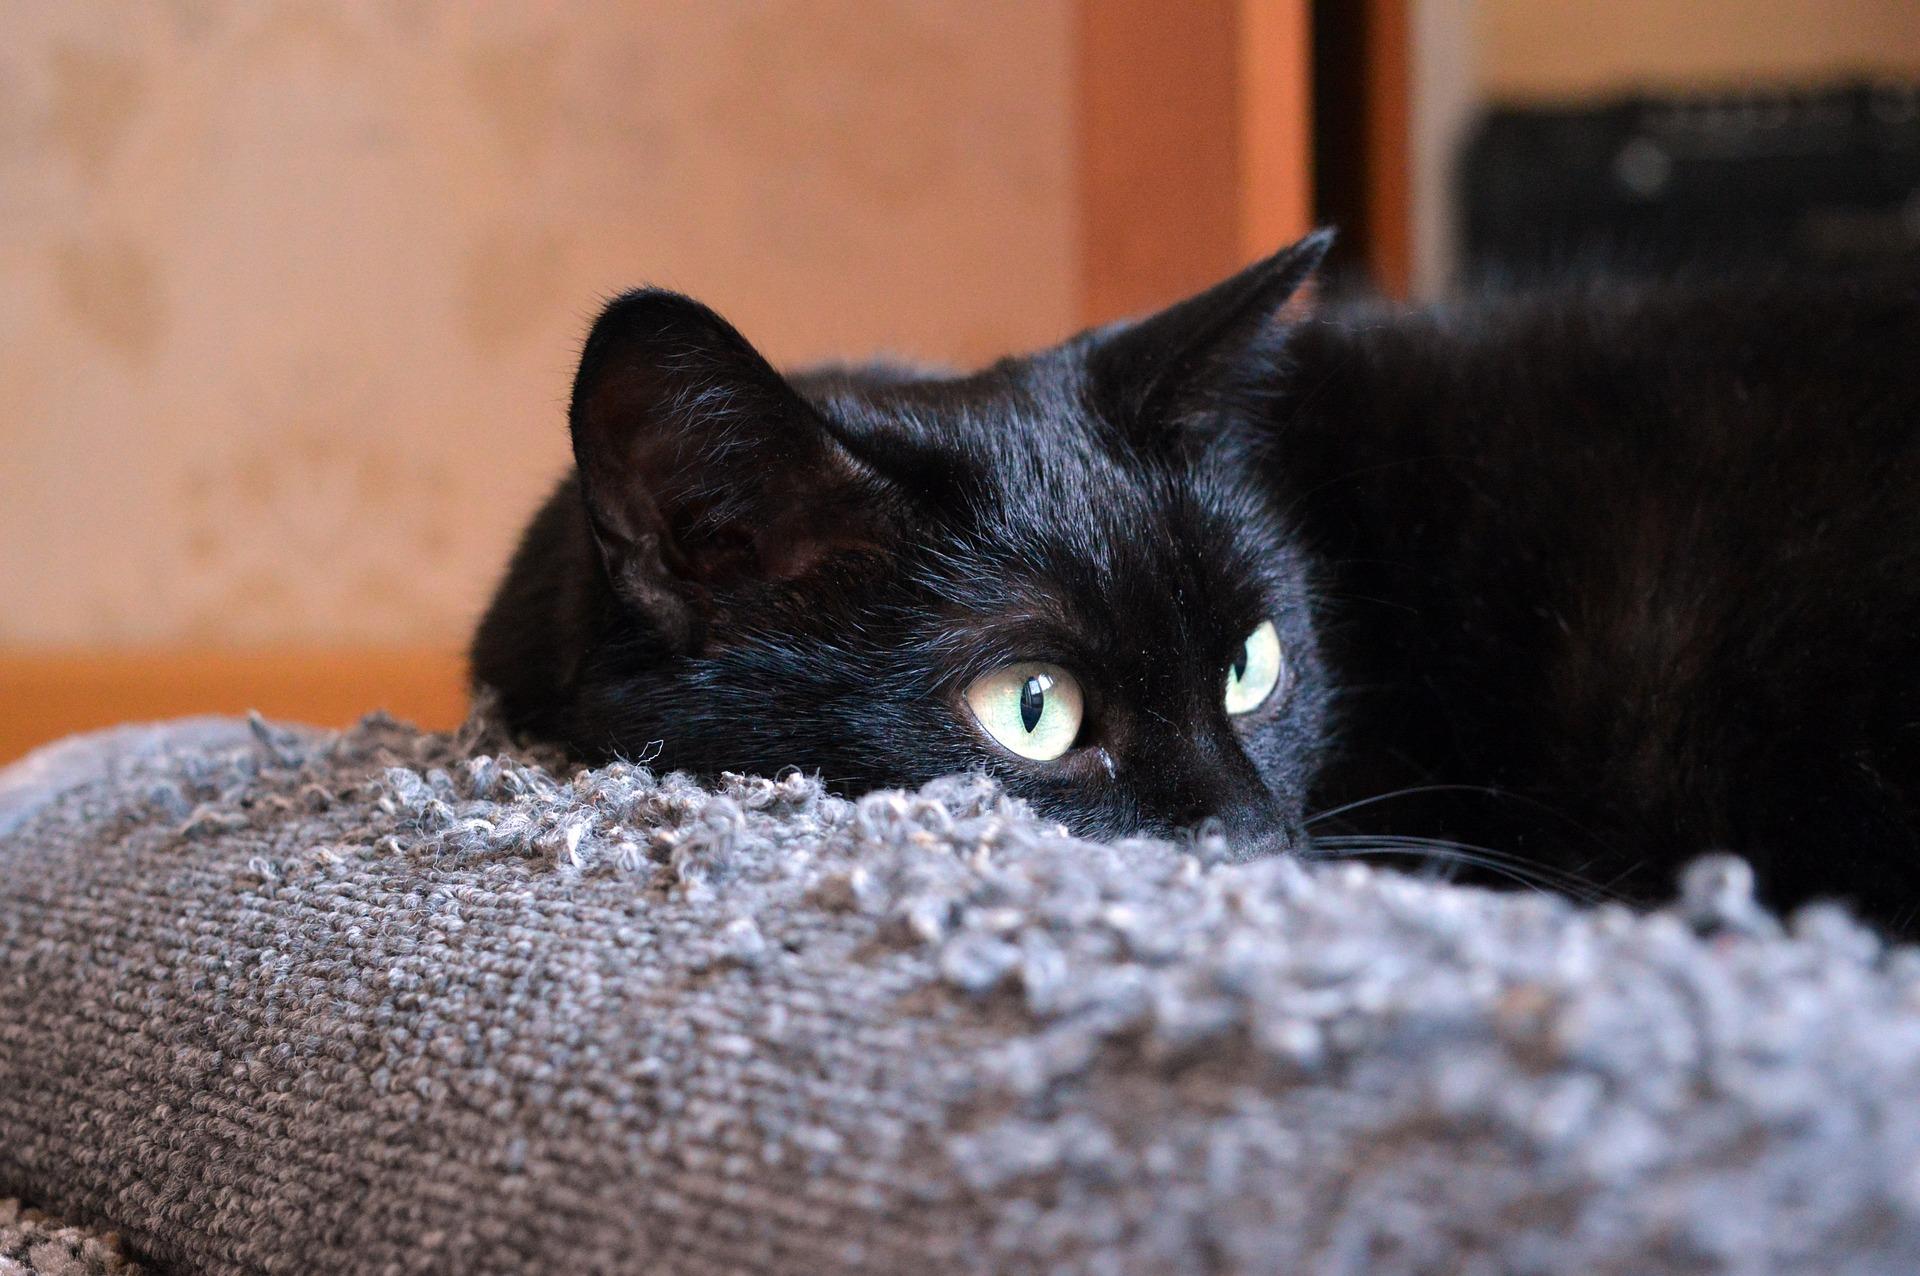 Jednymi z głównych przyczyn chorób układu moczowego u kotów są stres, otyłość, brak ruchu, odwodnienie, dieta bogata w węglowodany.